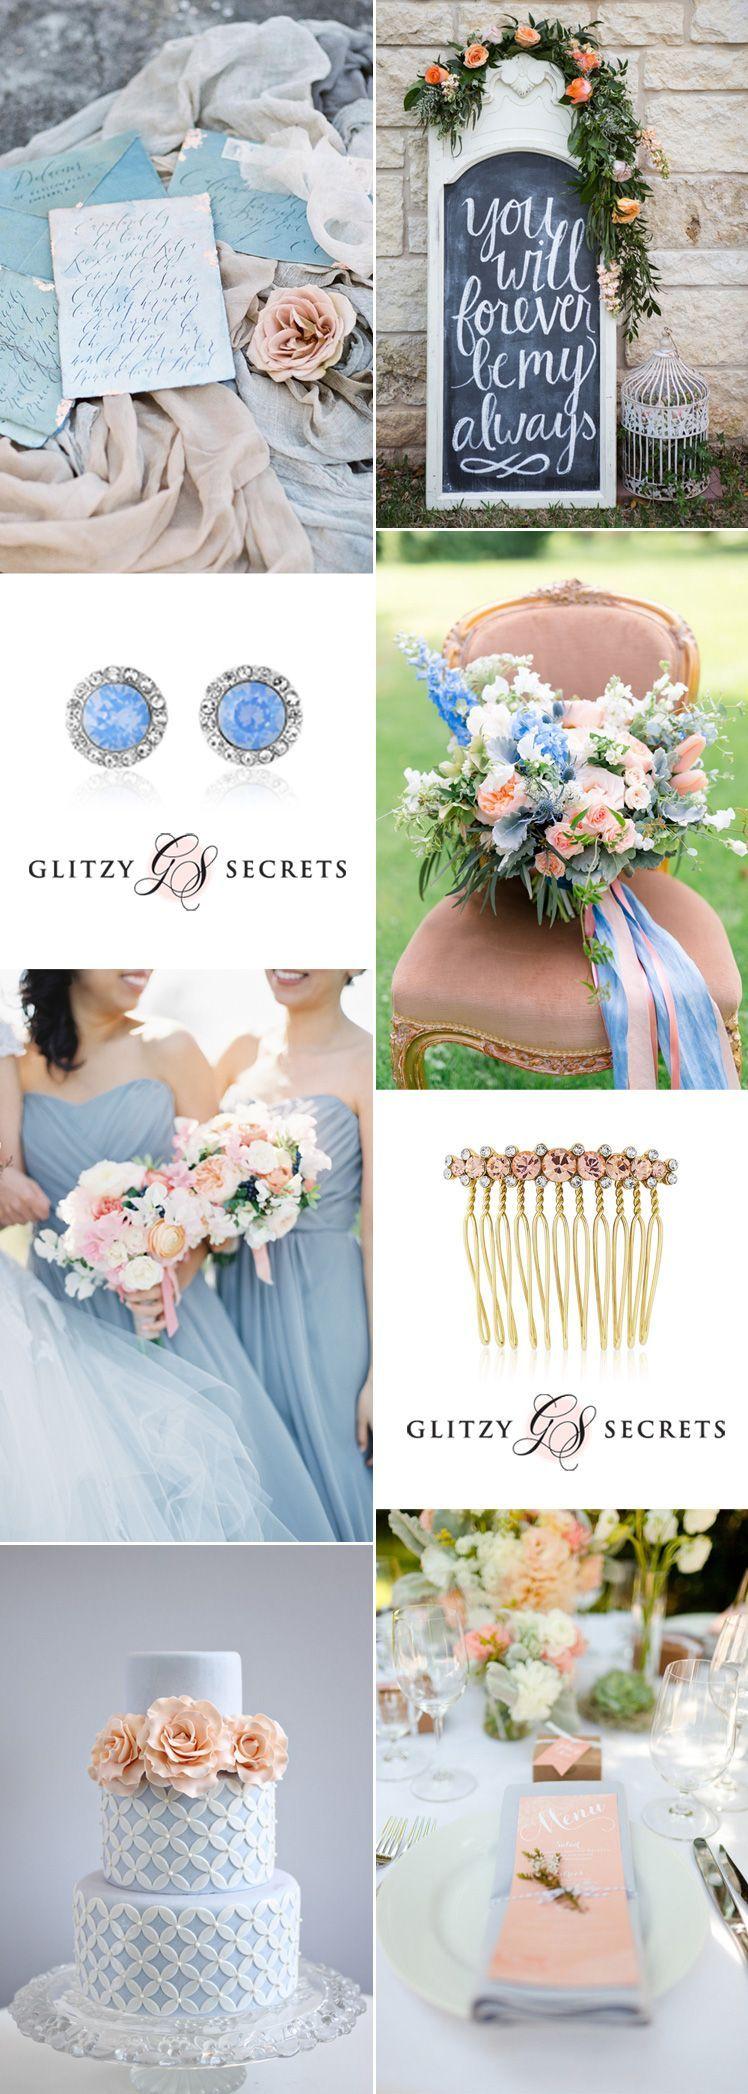 Romantic Pale Blue and Peach Wedding Ideas | Pinterest | Peach ...